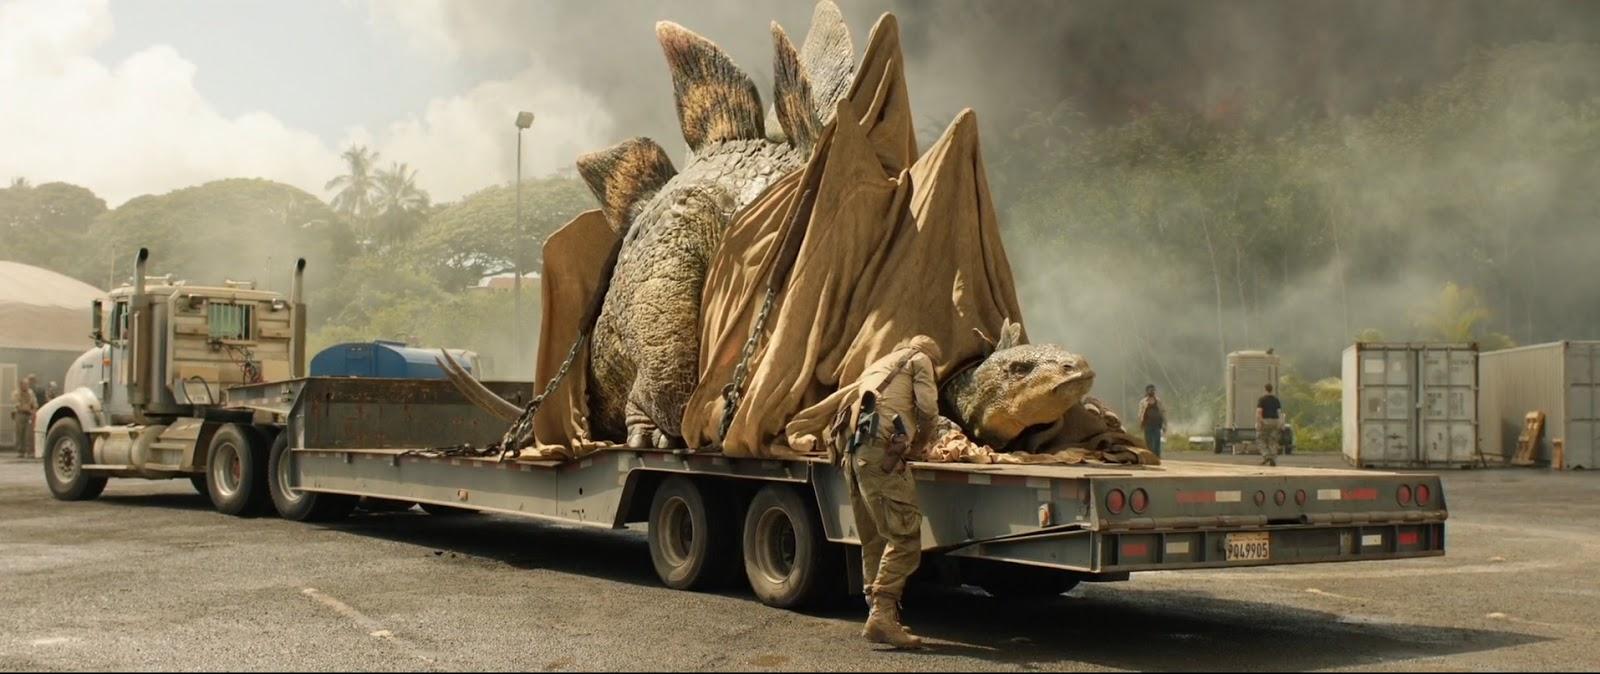 Estreno Jurassic World El Reino Caído 2018 WEB Dual 1080 Zip